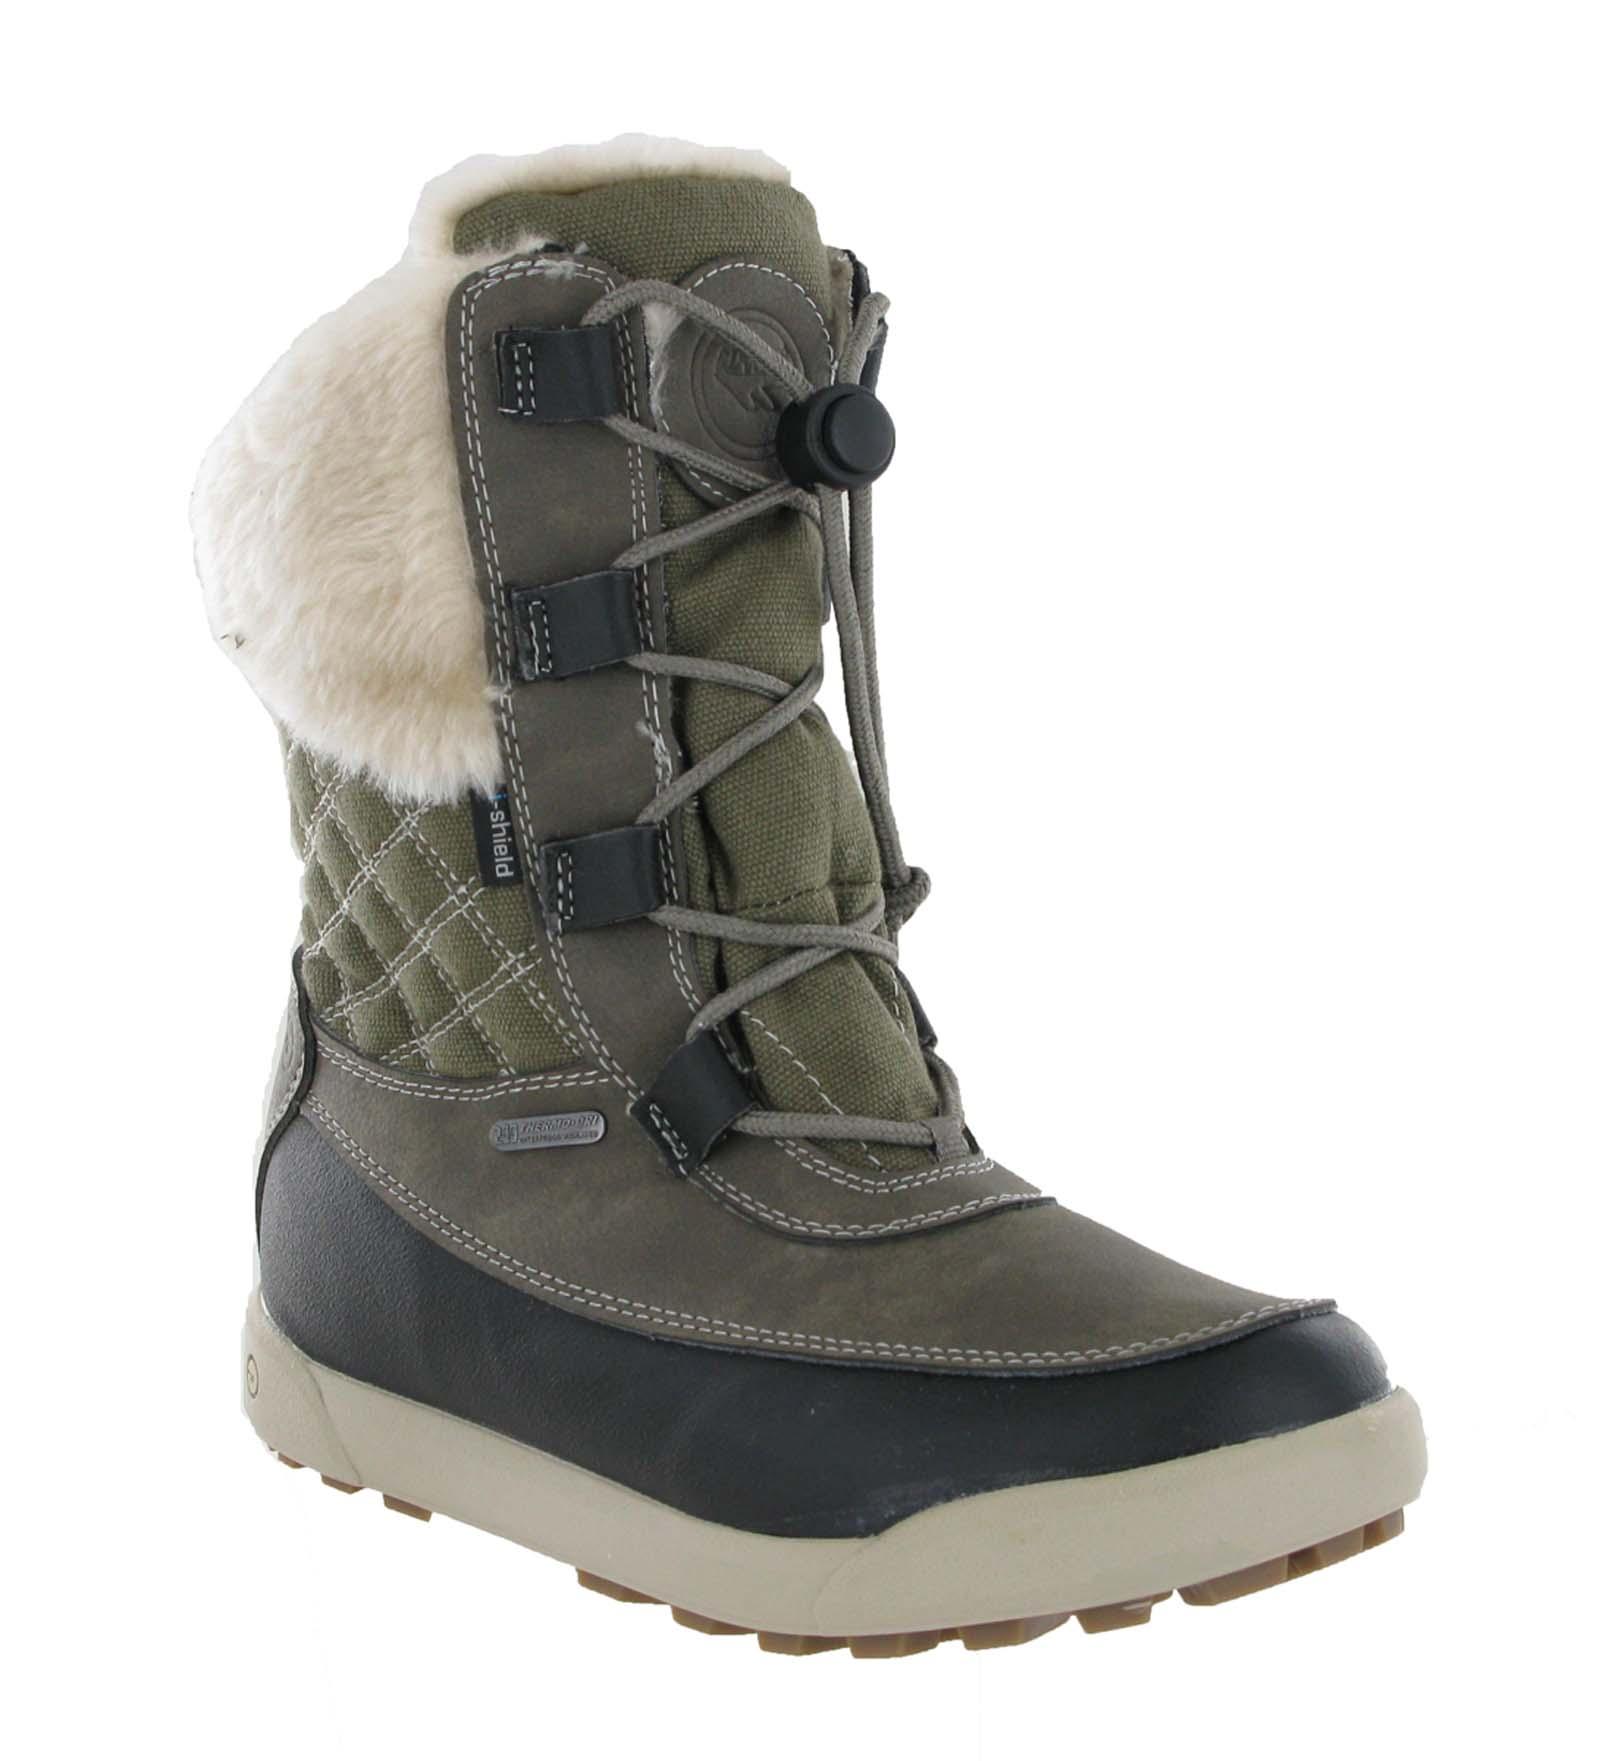 Hi-Tec Talia Shell Thermal Ski Waterproof Winter Snow Womens Boots Size 4-8 UK